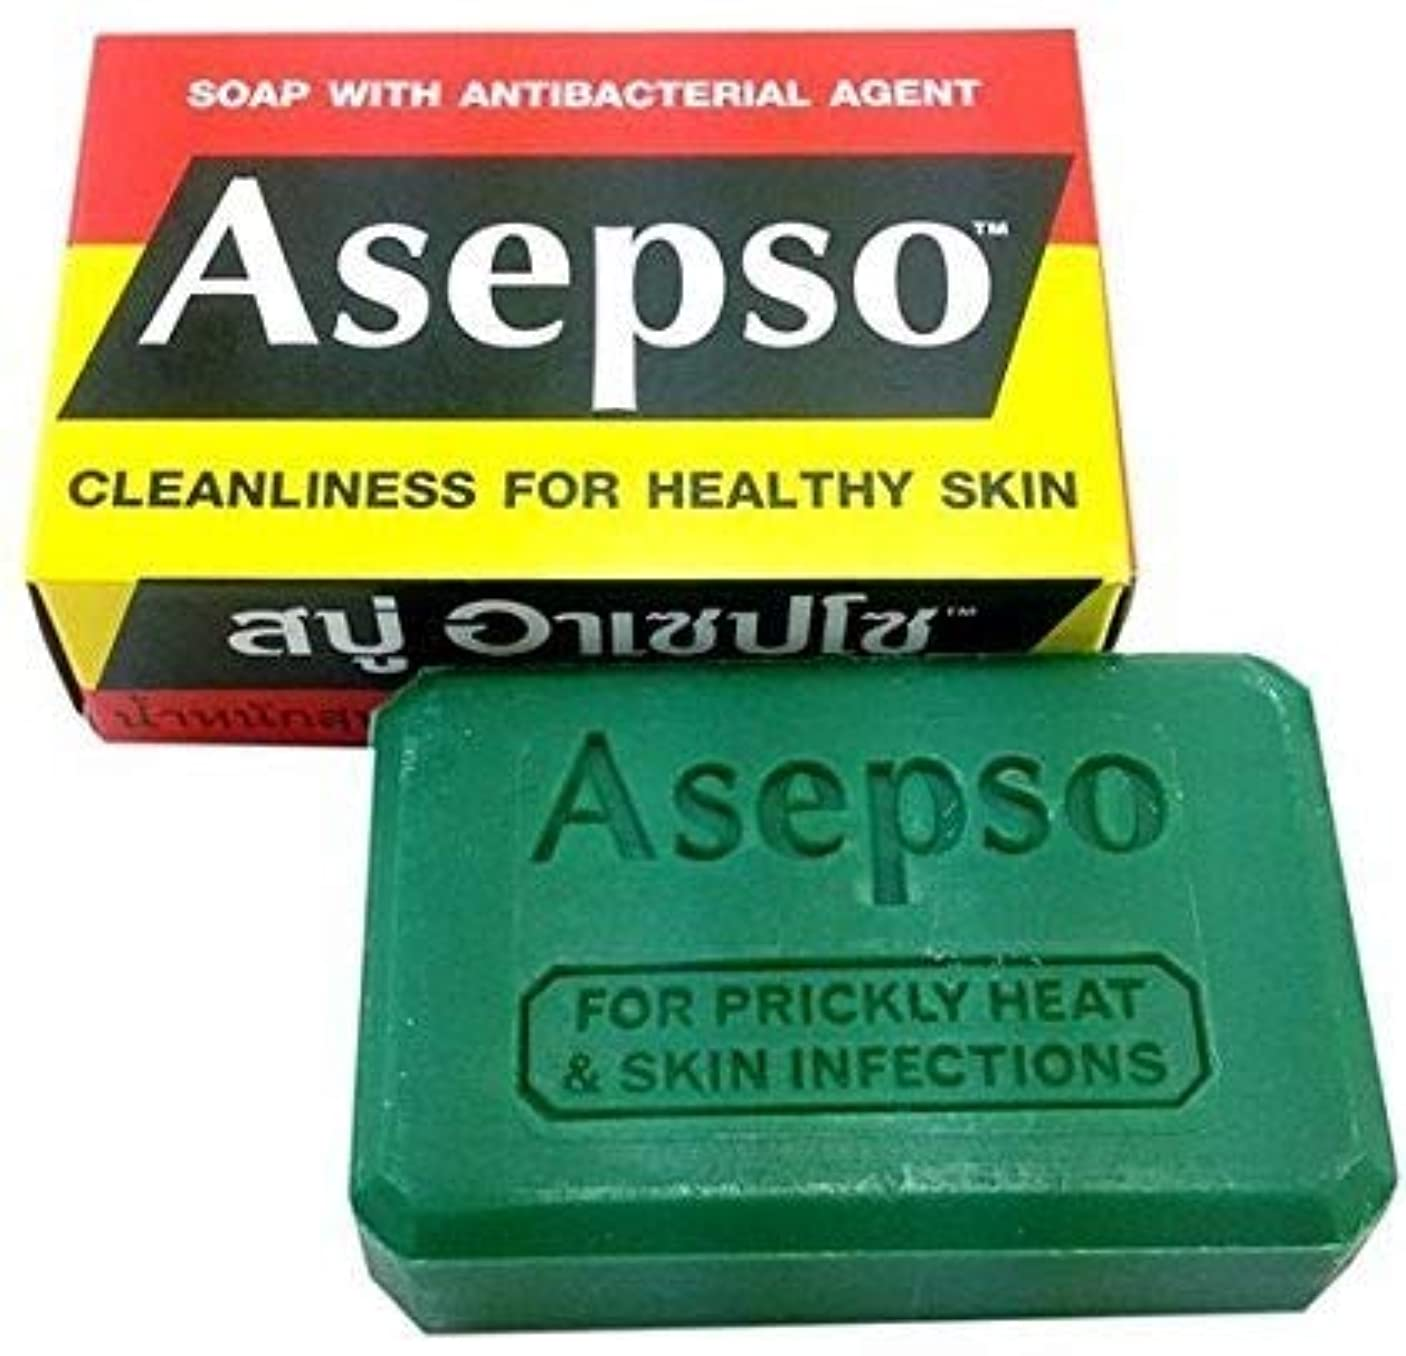 キルス憂鬱な思慮のないNi Yom Thai shop Asepso Soap with Antibacterial Agent 80 Grams